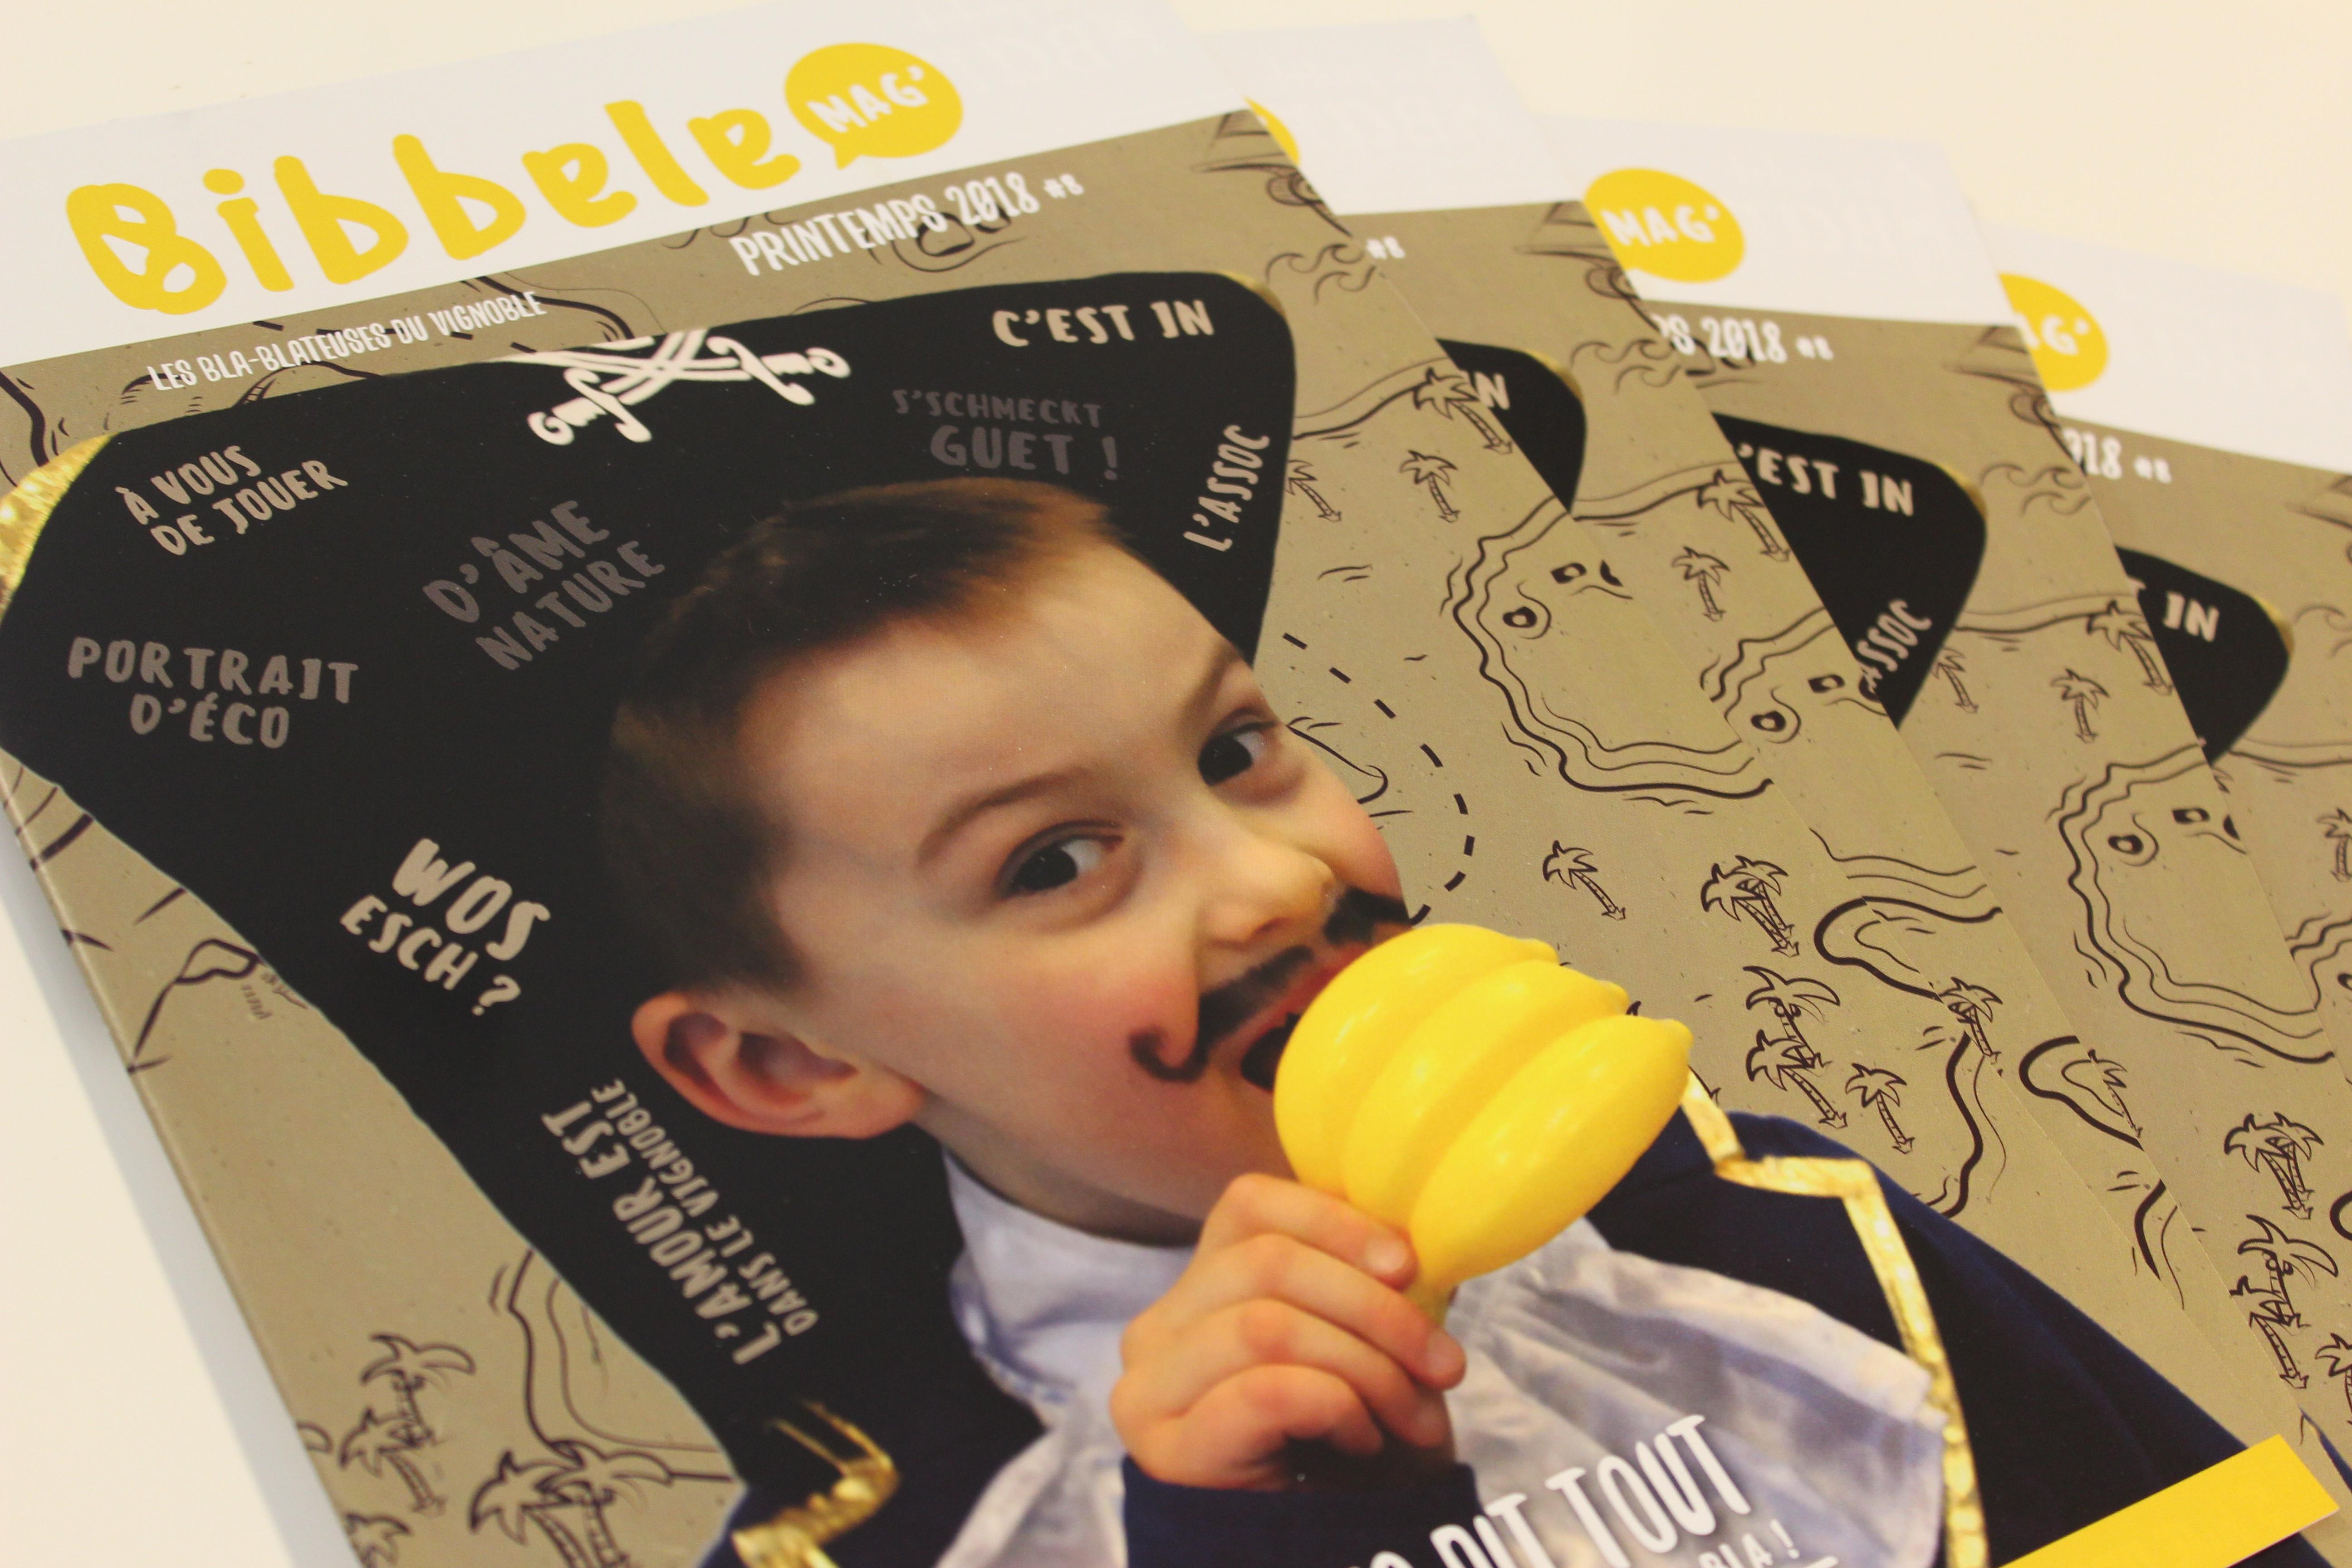 Couverture du Bibbele Mag' n°8